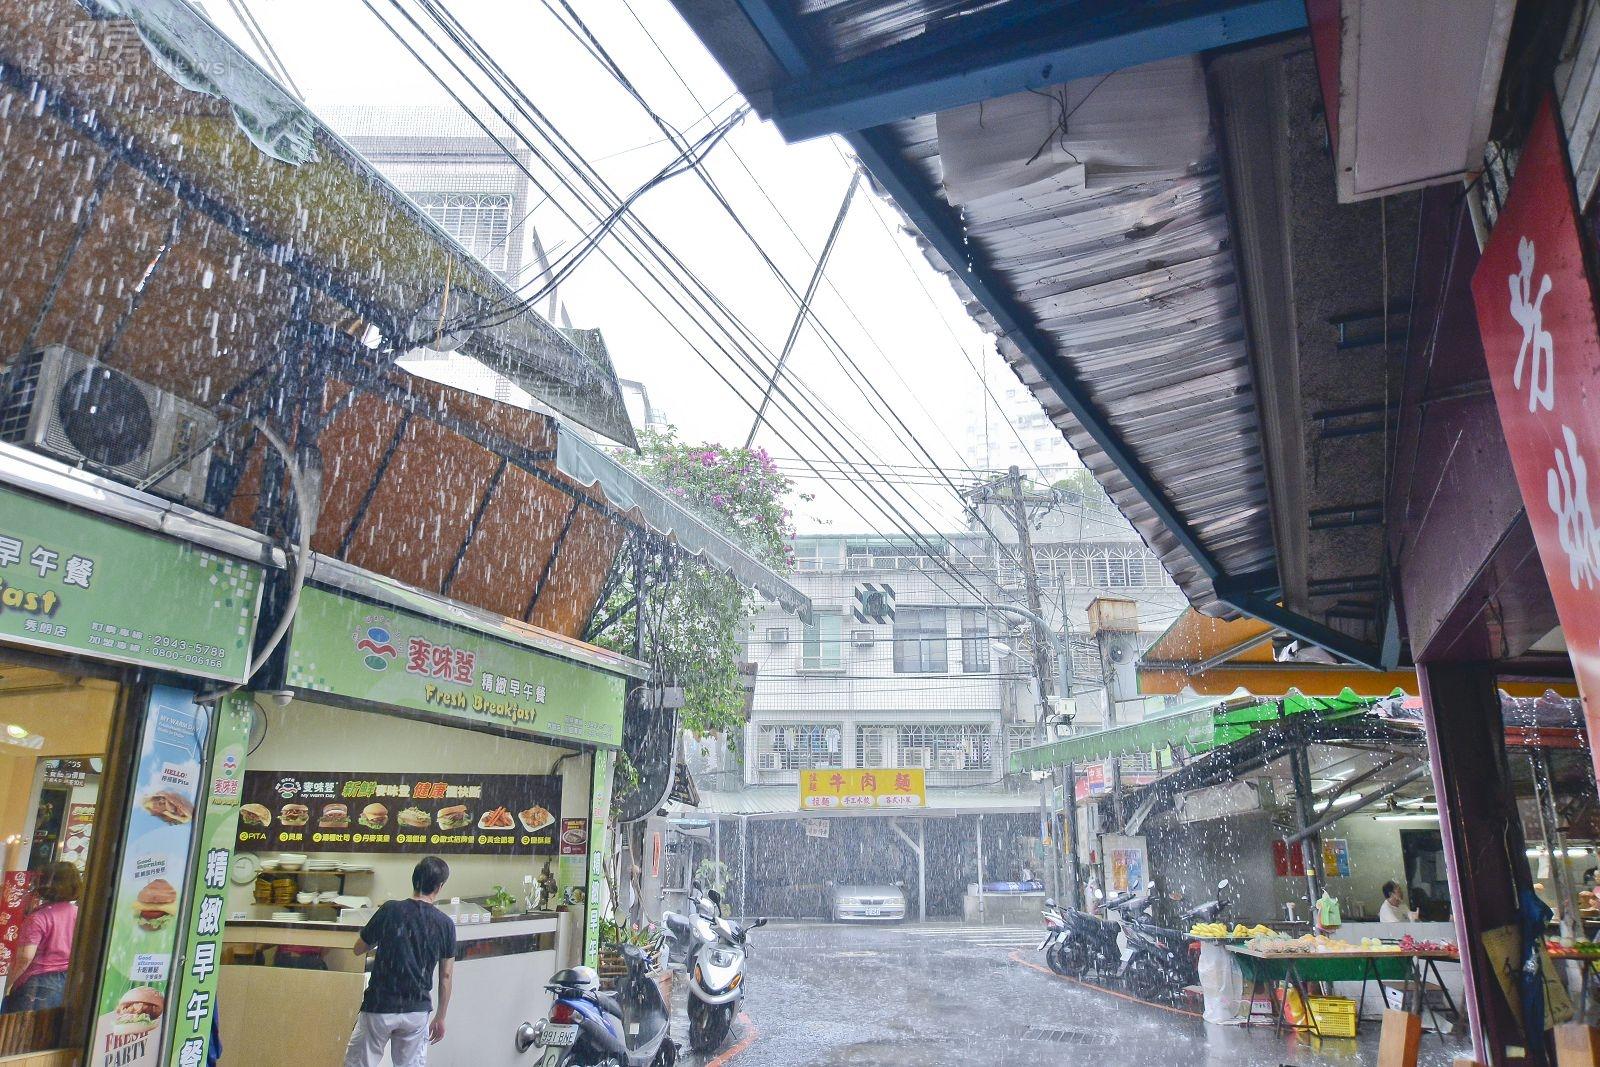 梅雨,對流雨,鋒面雨,雨天情境,豪雨。(好房news記者 陳韋帆/攝影)